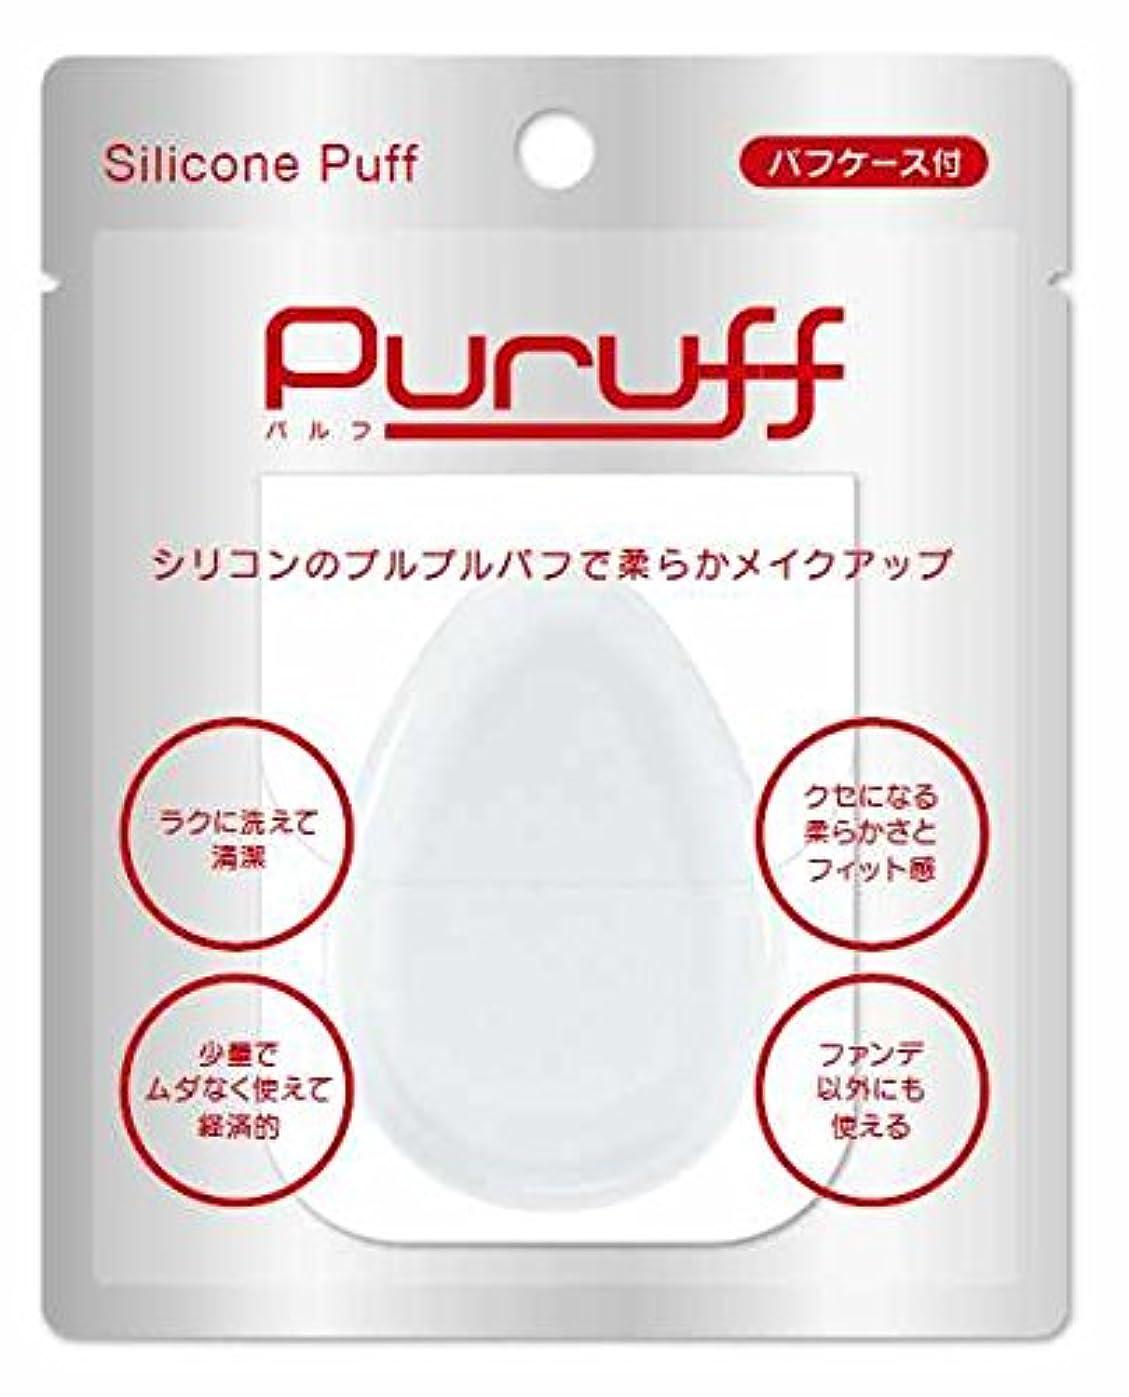 詐欺エアコン収益Puruff(パルフ) シリコンパフ カバー付 【まとめ買い2個セット】